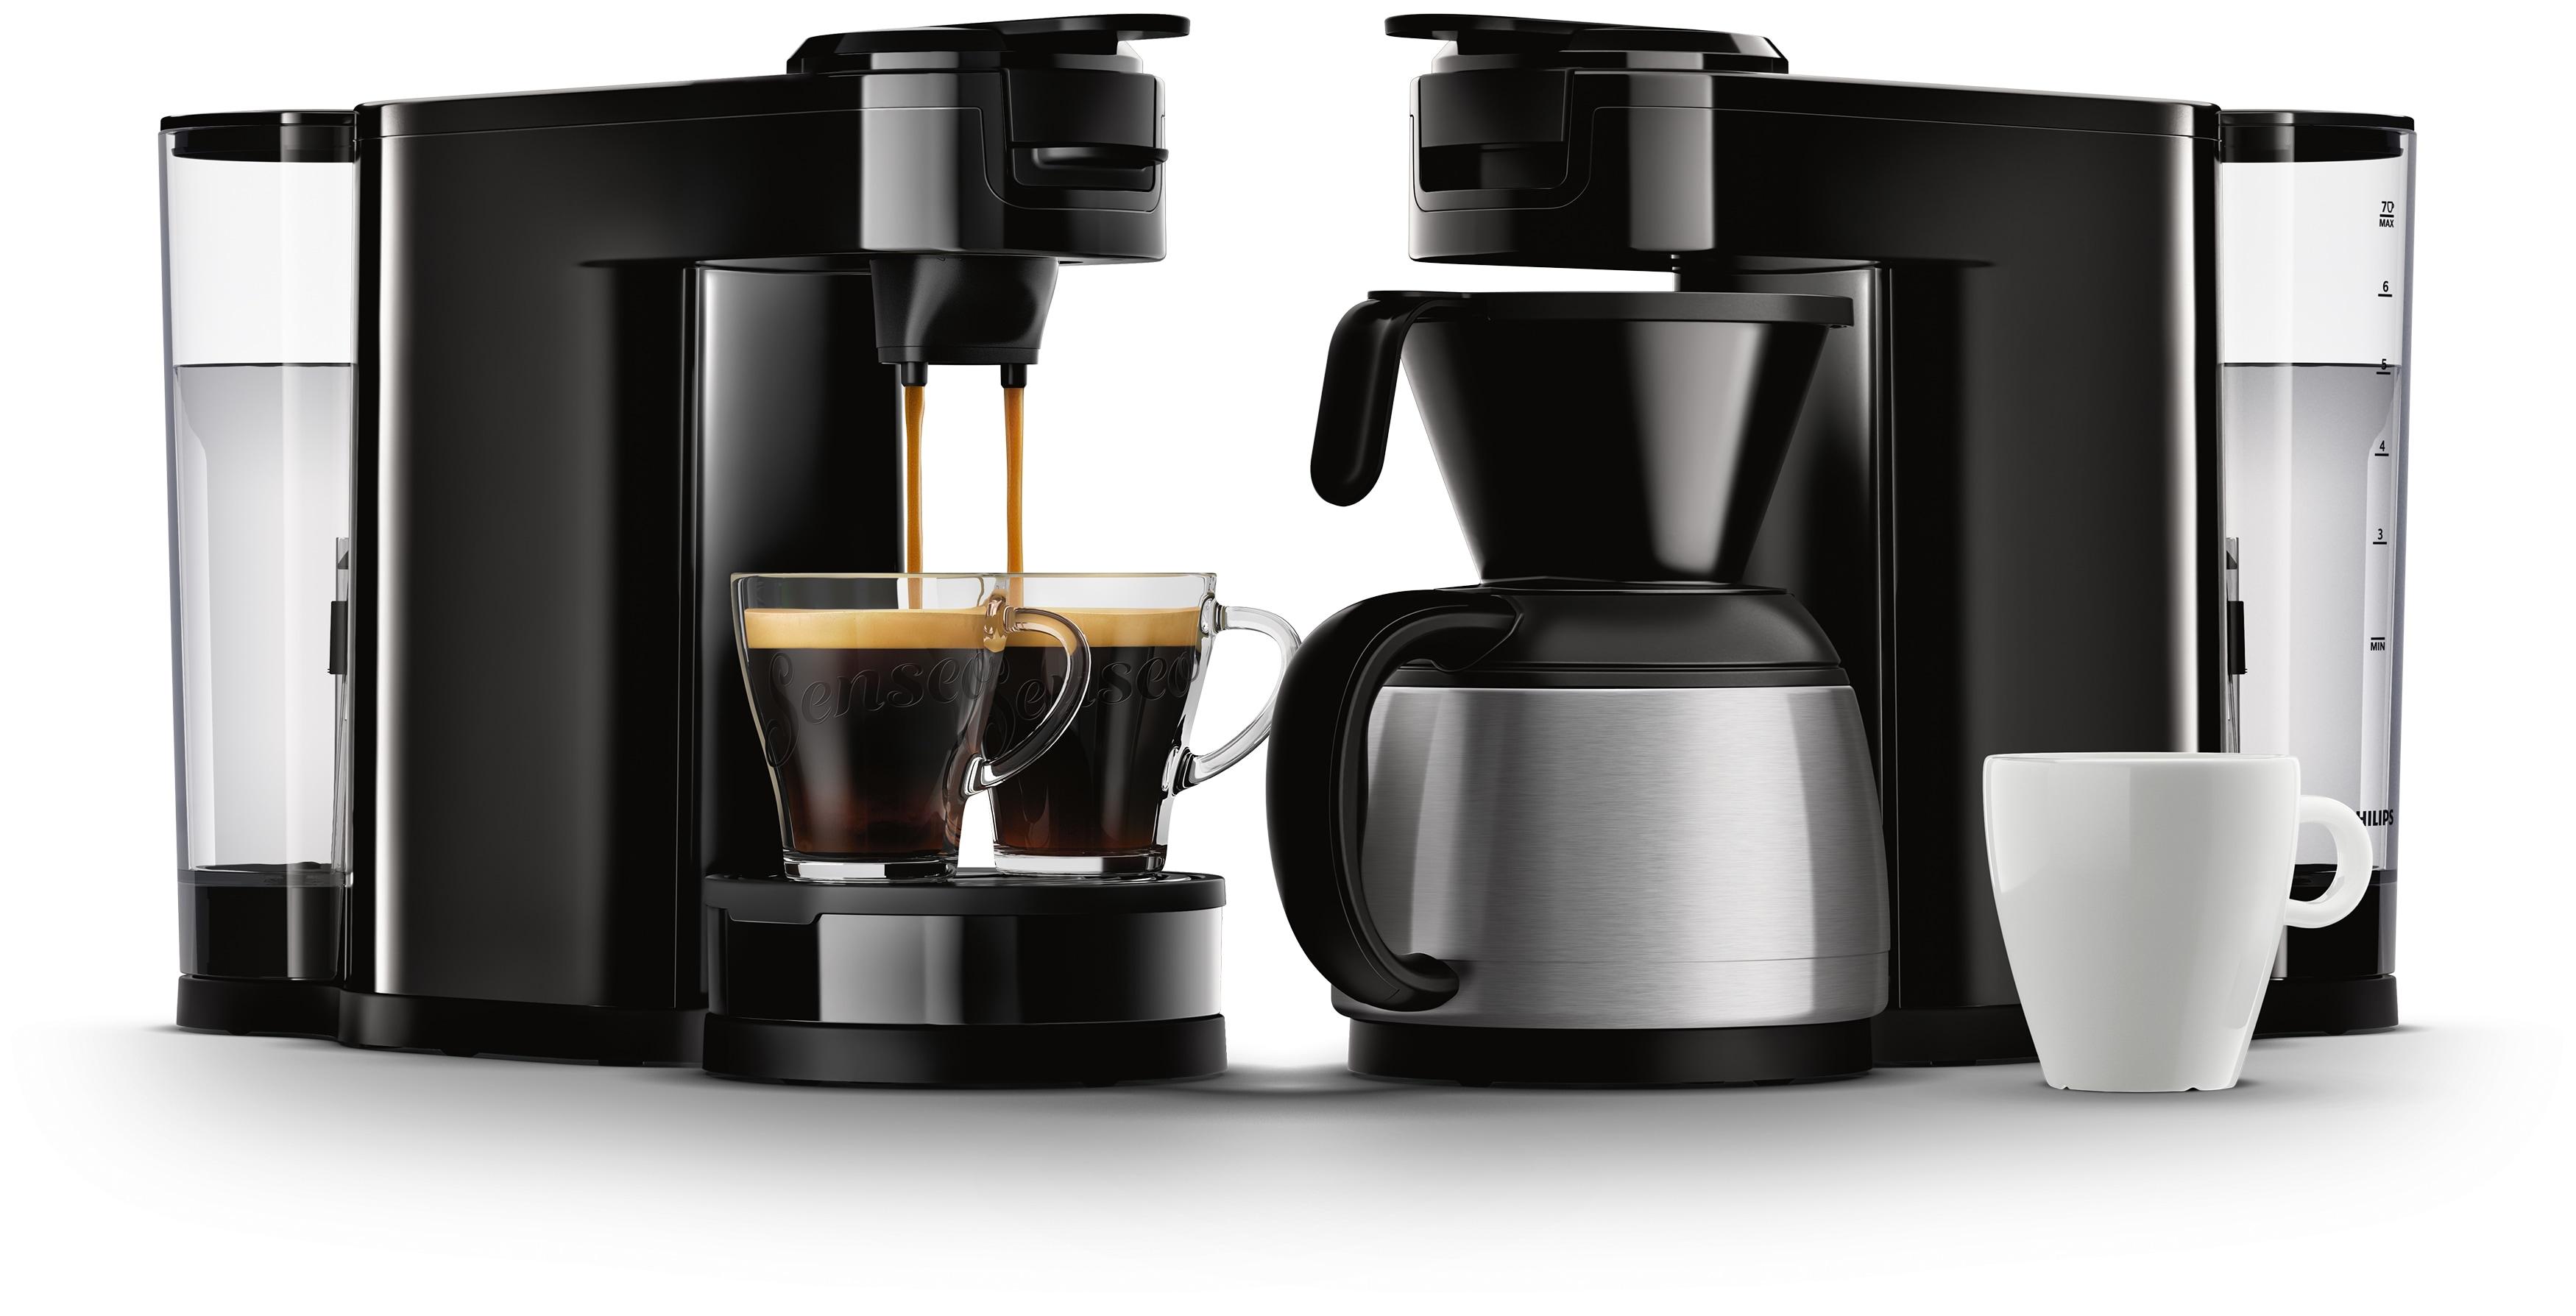 die erste 2 in 1 kaffeemaschine senseo switch f r. Black Bedroom Furniture Sets. Home Design Ideas